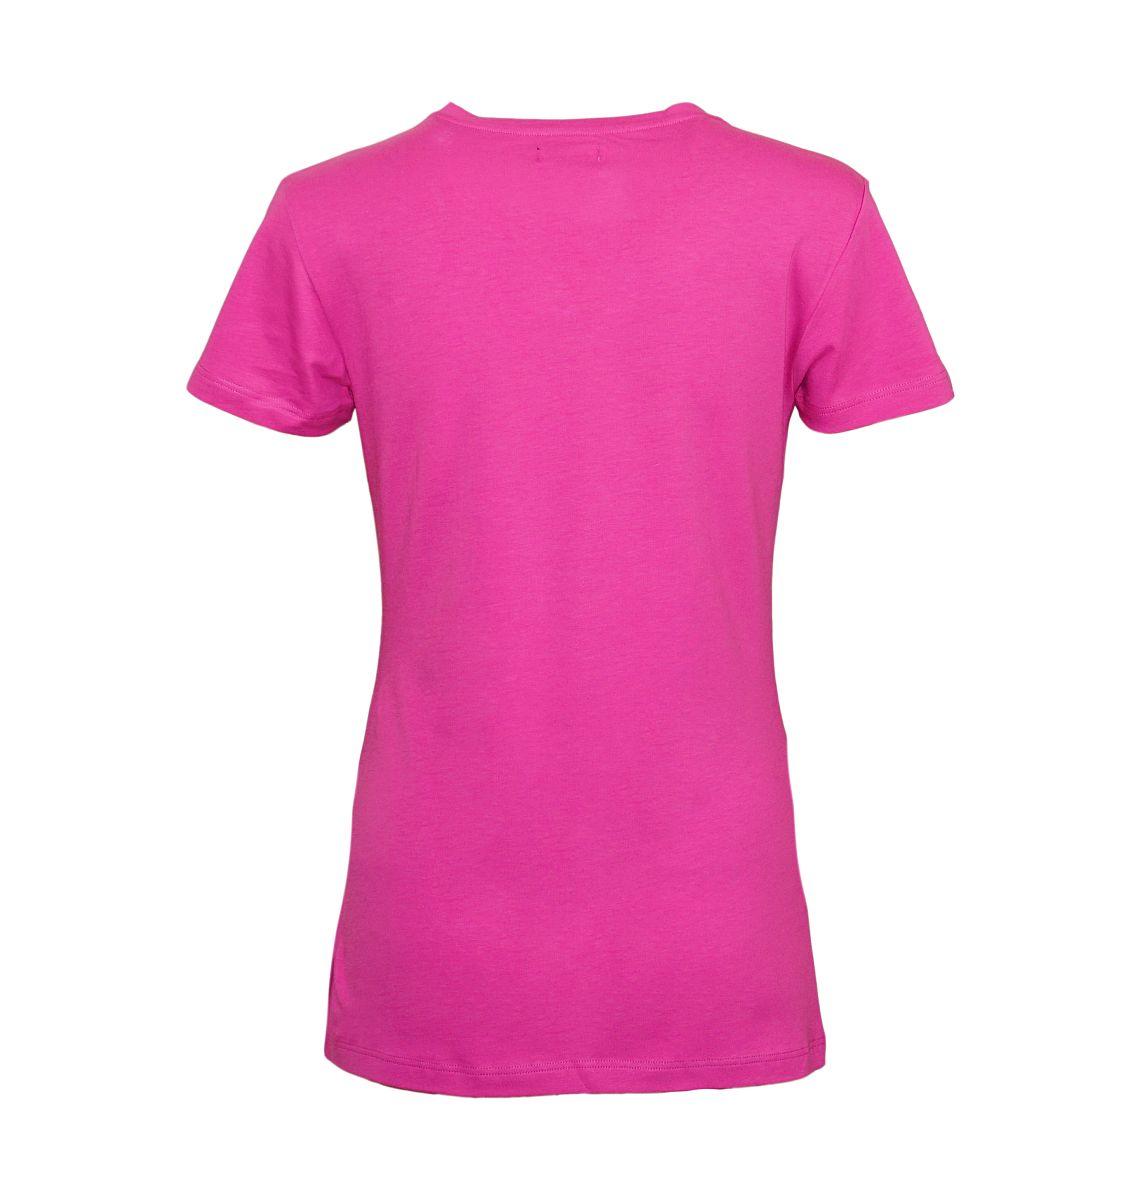 Emporio Armani Damen Shirt T-Shirt V-Ausschnitt 163321 7A317 03191 ORCHIDEA HW17-EADS1